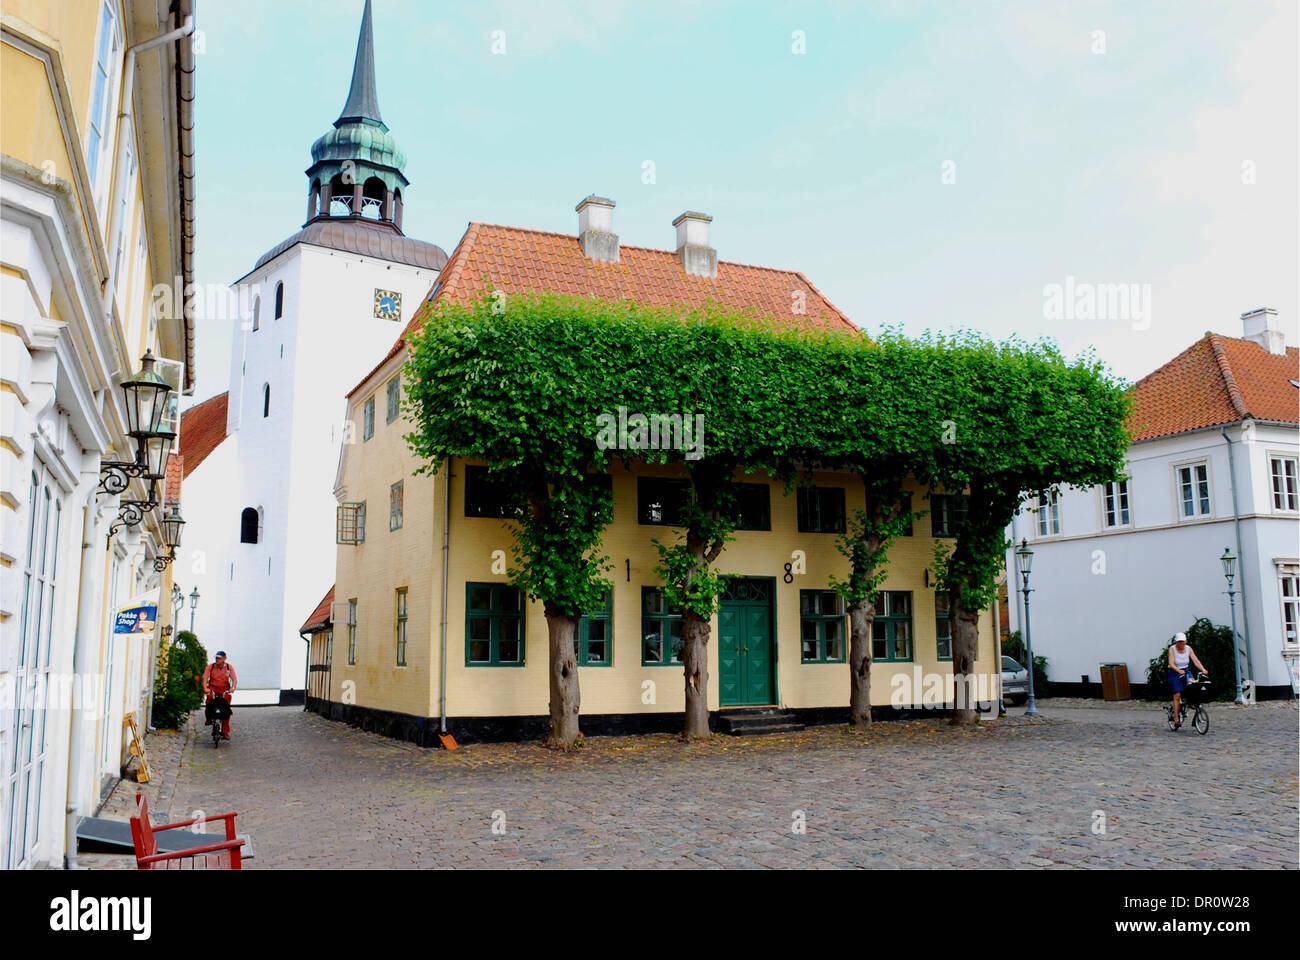 Aero island, Torvet  ( market square) of Aeroskobing, fyn, Denmark, Scandinavia - Stock Image